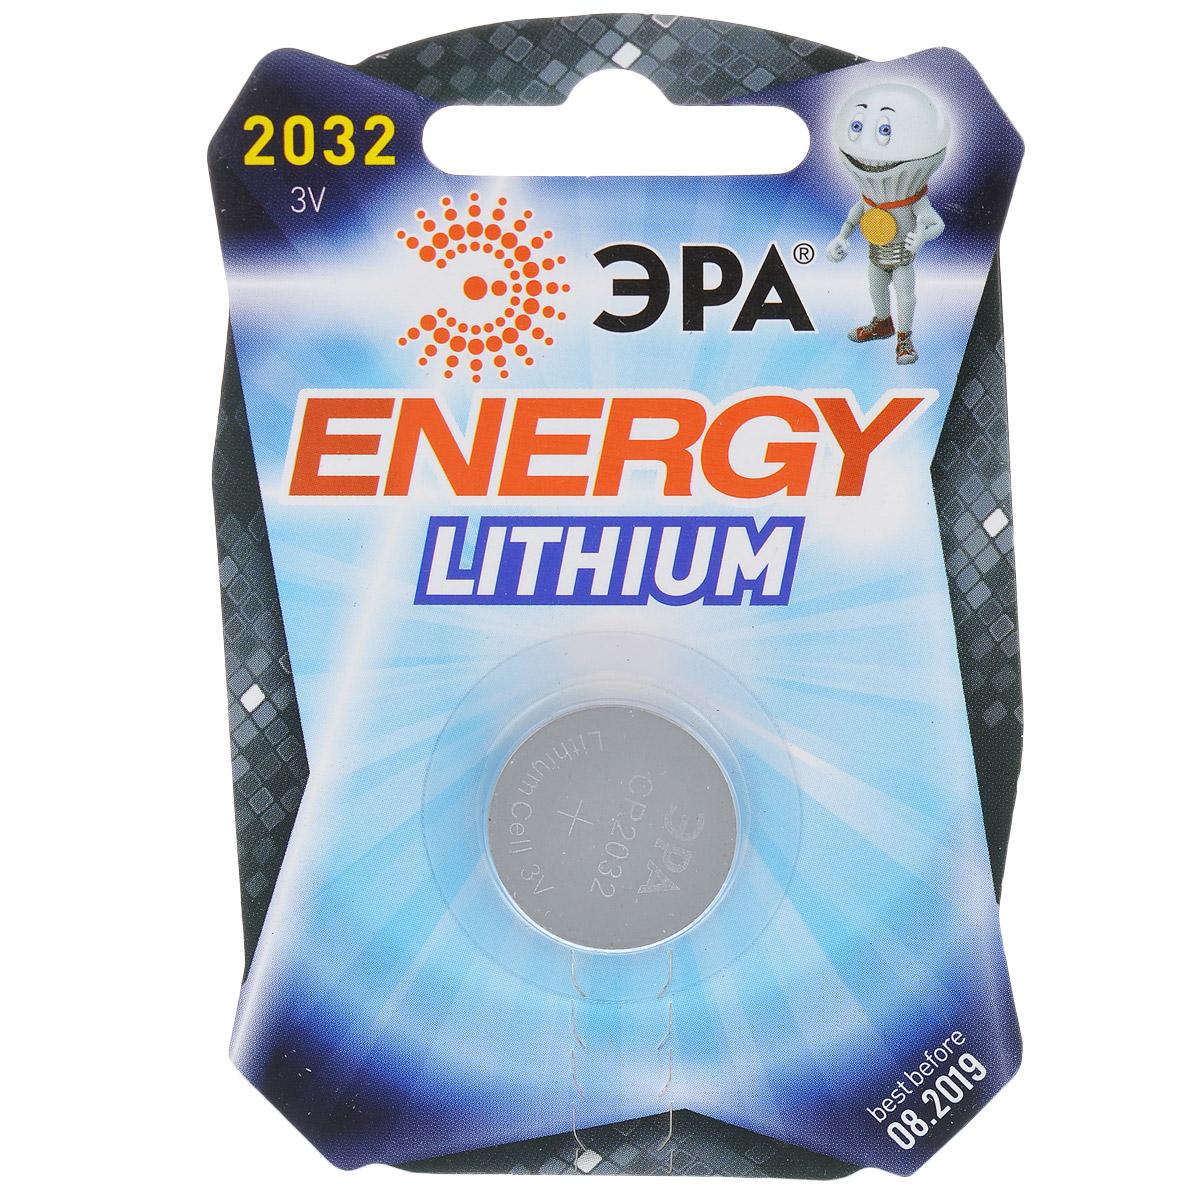 Батарейка литиевая ЭРА Energy, тип CR2032 (1BL), 3В5055398601112Литиевые батарейки ЭРА Energy оптимально подходят для повседневного питания множества современных бытовых приборов: электронных игрушек, фонарей, беспроводной компьютерной периферии и многого другого. Батарейки созданы для устройств со средним и высоким потреблением энергии. Работают в 10 раз дольше, чем обычные солевые элементы питания. Диаметр батарейки: 2 см.Уважаемые клиенты! Обращаем ваше внимание на возможные изменения в дизайне упаковки. Качественные характеристики товара остаются неизменными. Поставка осуществляется в зависимости от наличия на складе.